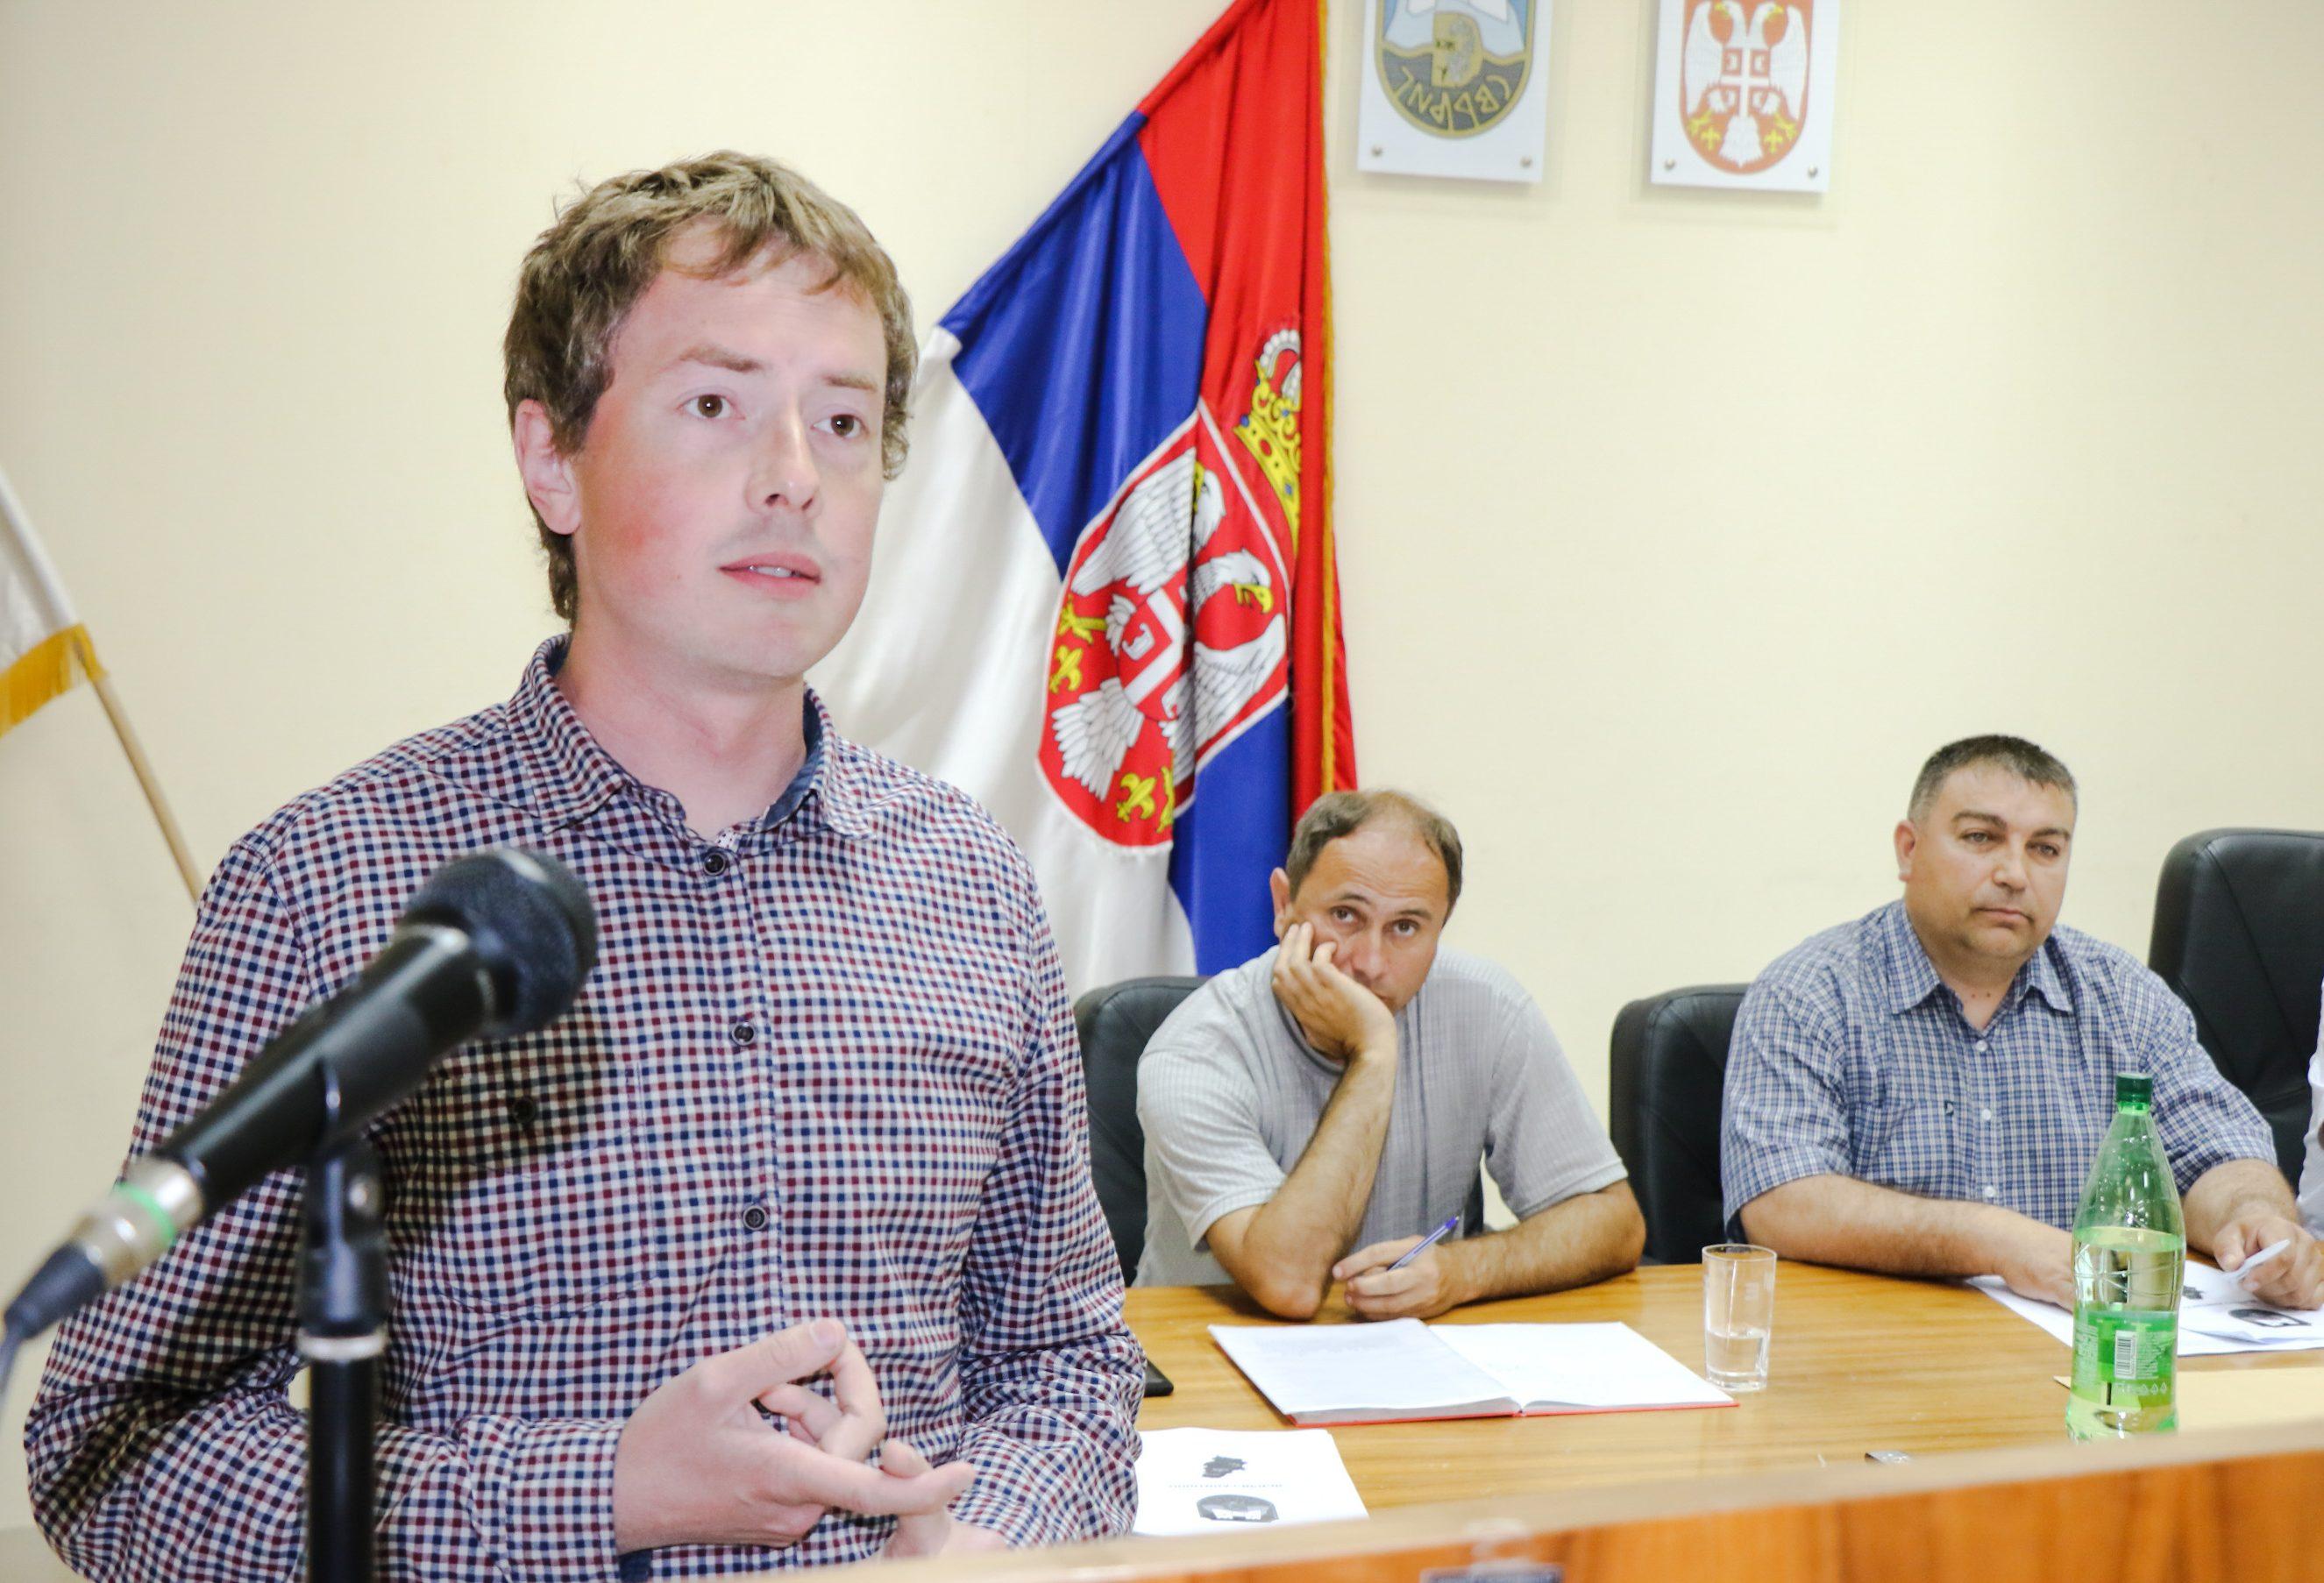 Skupština posvećena privredi, Vlada Pejčić za govornicom, foto: M.M. / Svrljiške novine